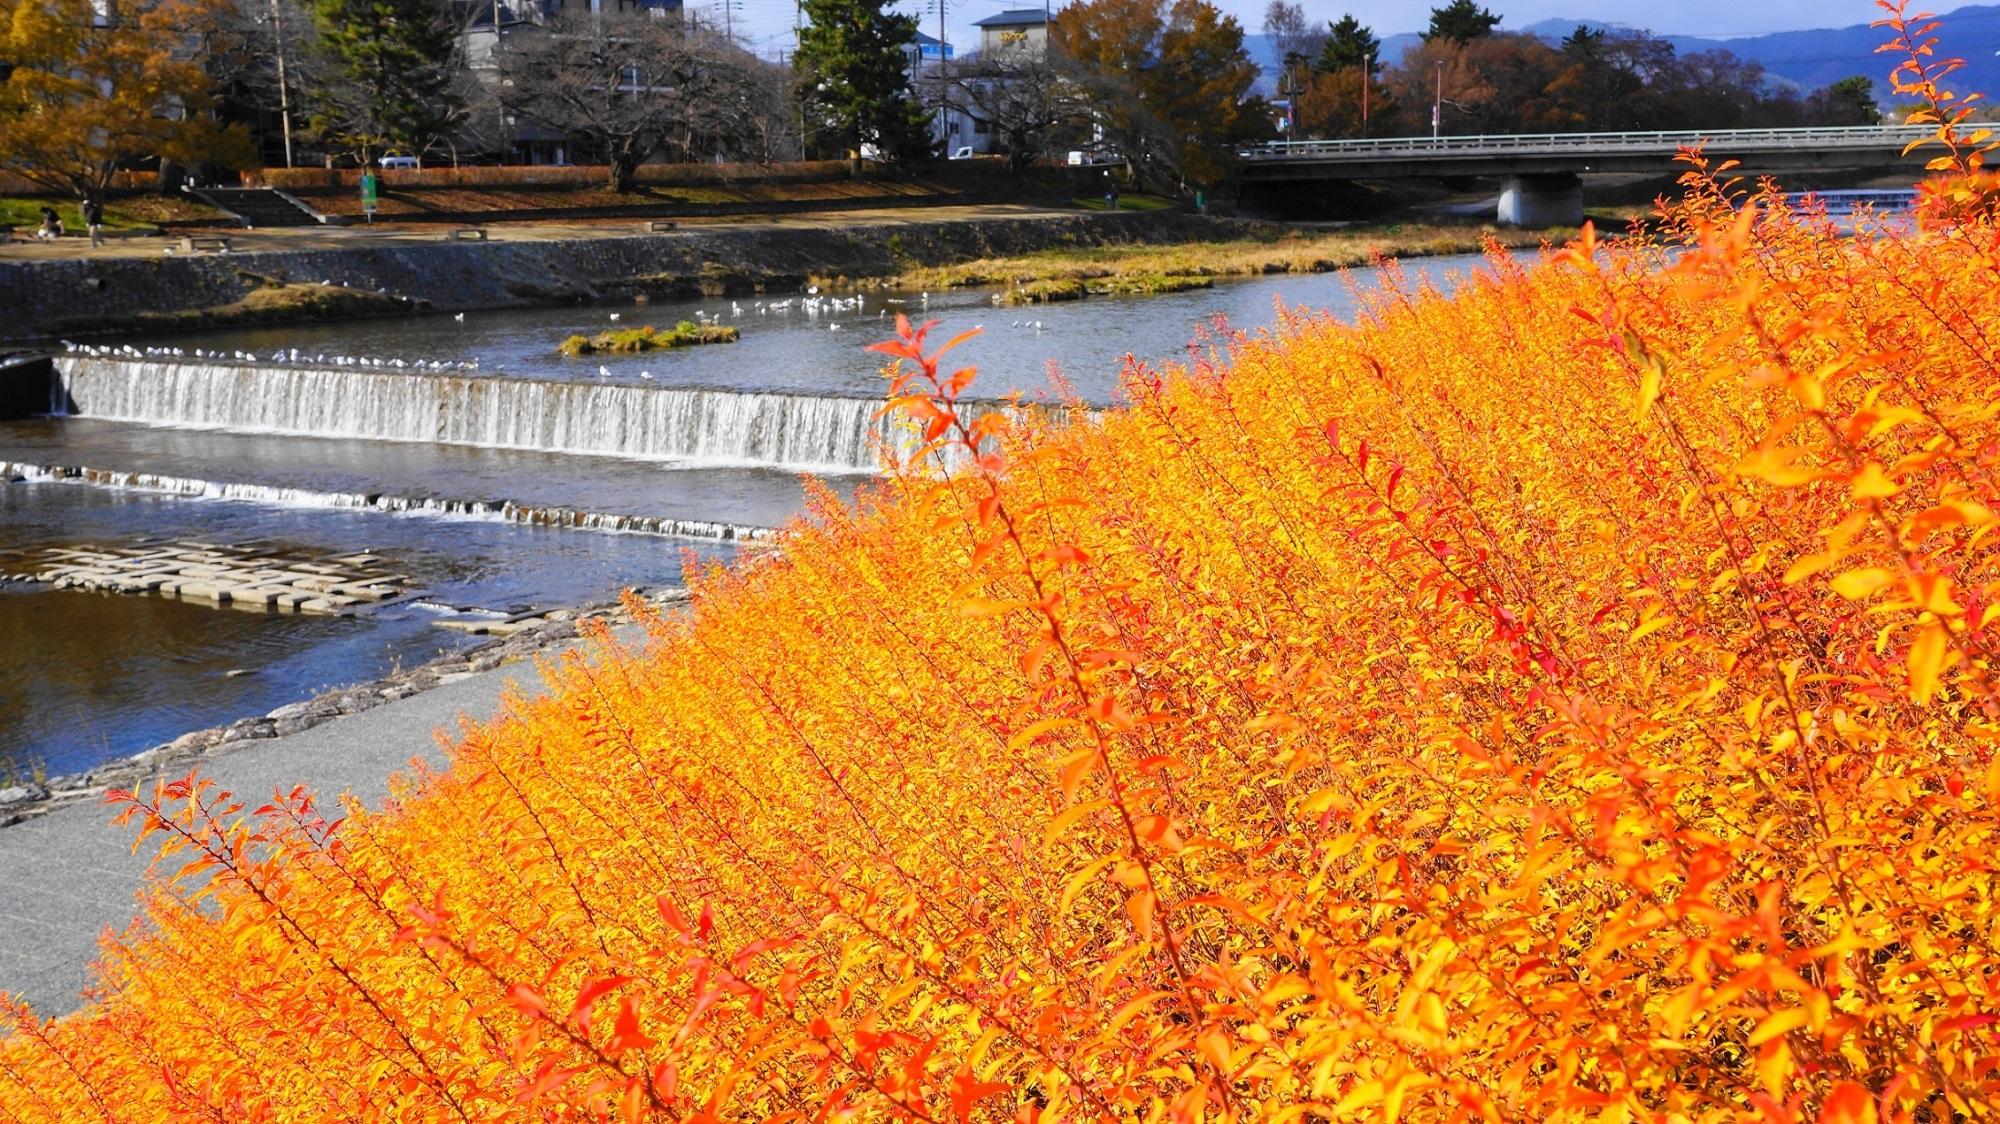 鴨川 雪柳 紅葉 オレンジ色につつまれる冬の水辺